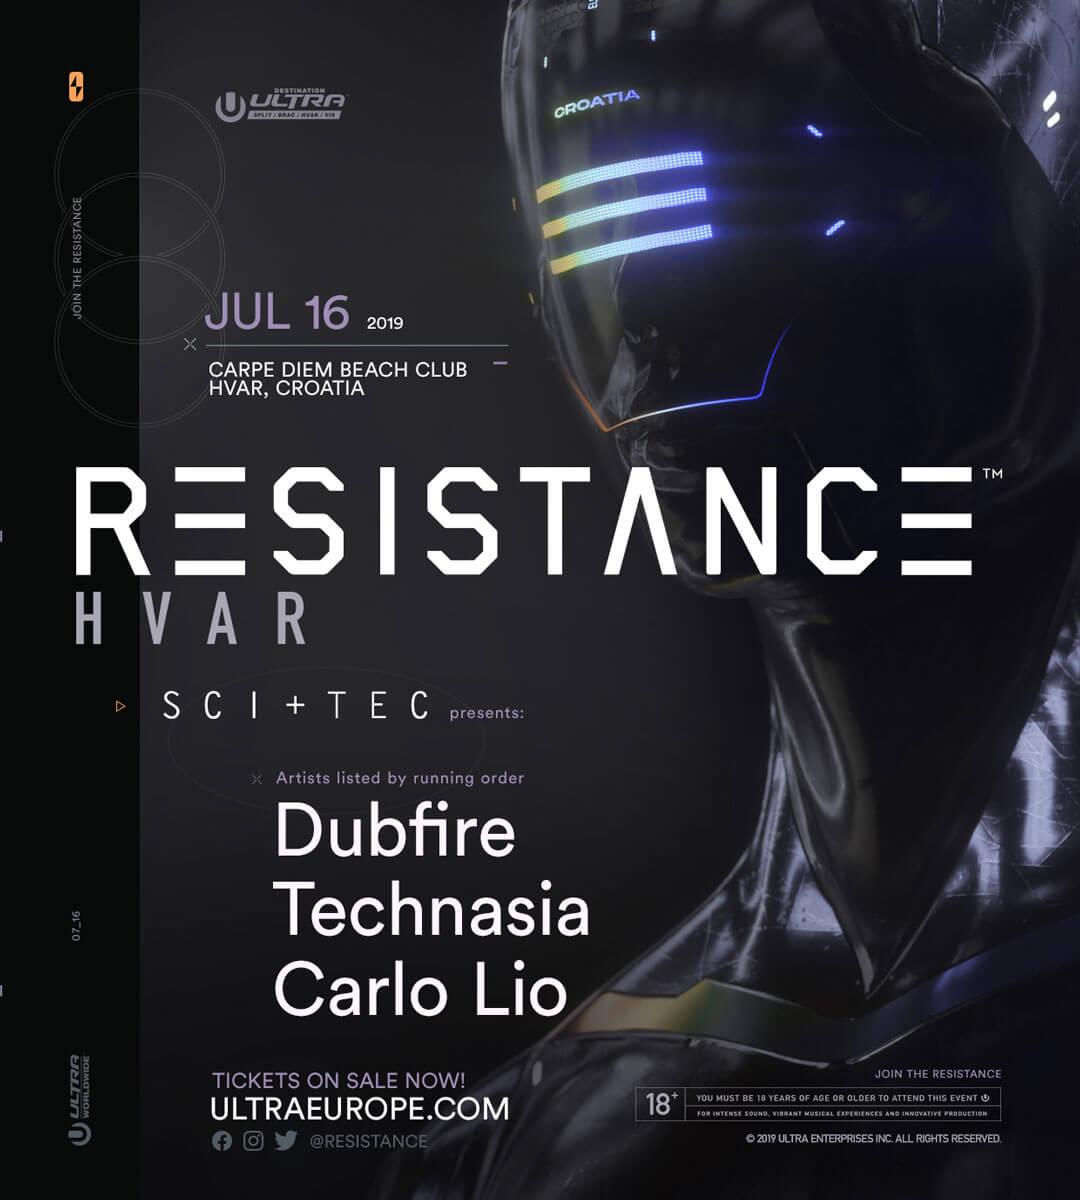 europe-resistance-hvar-lineup-2019